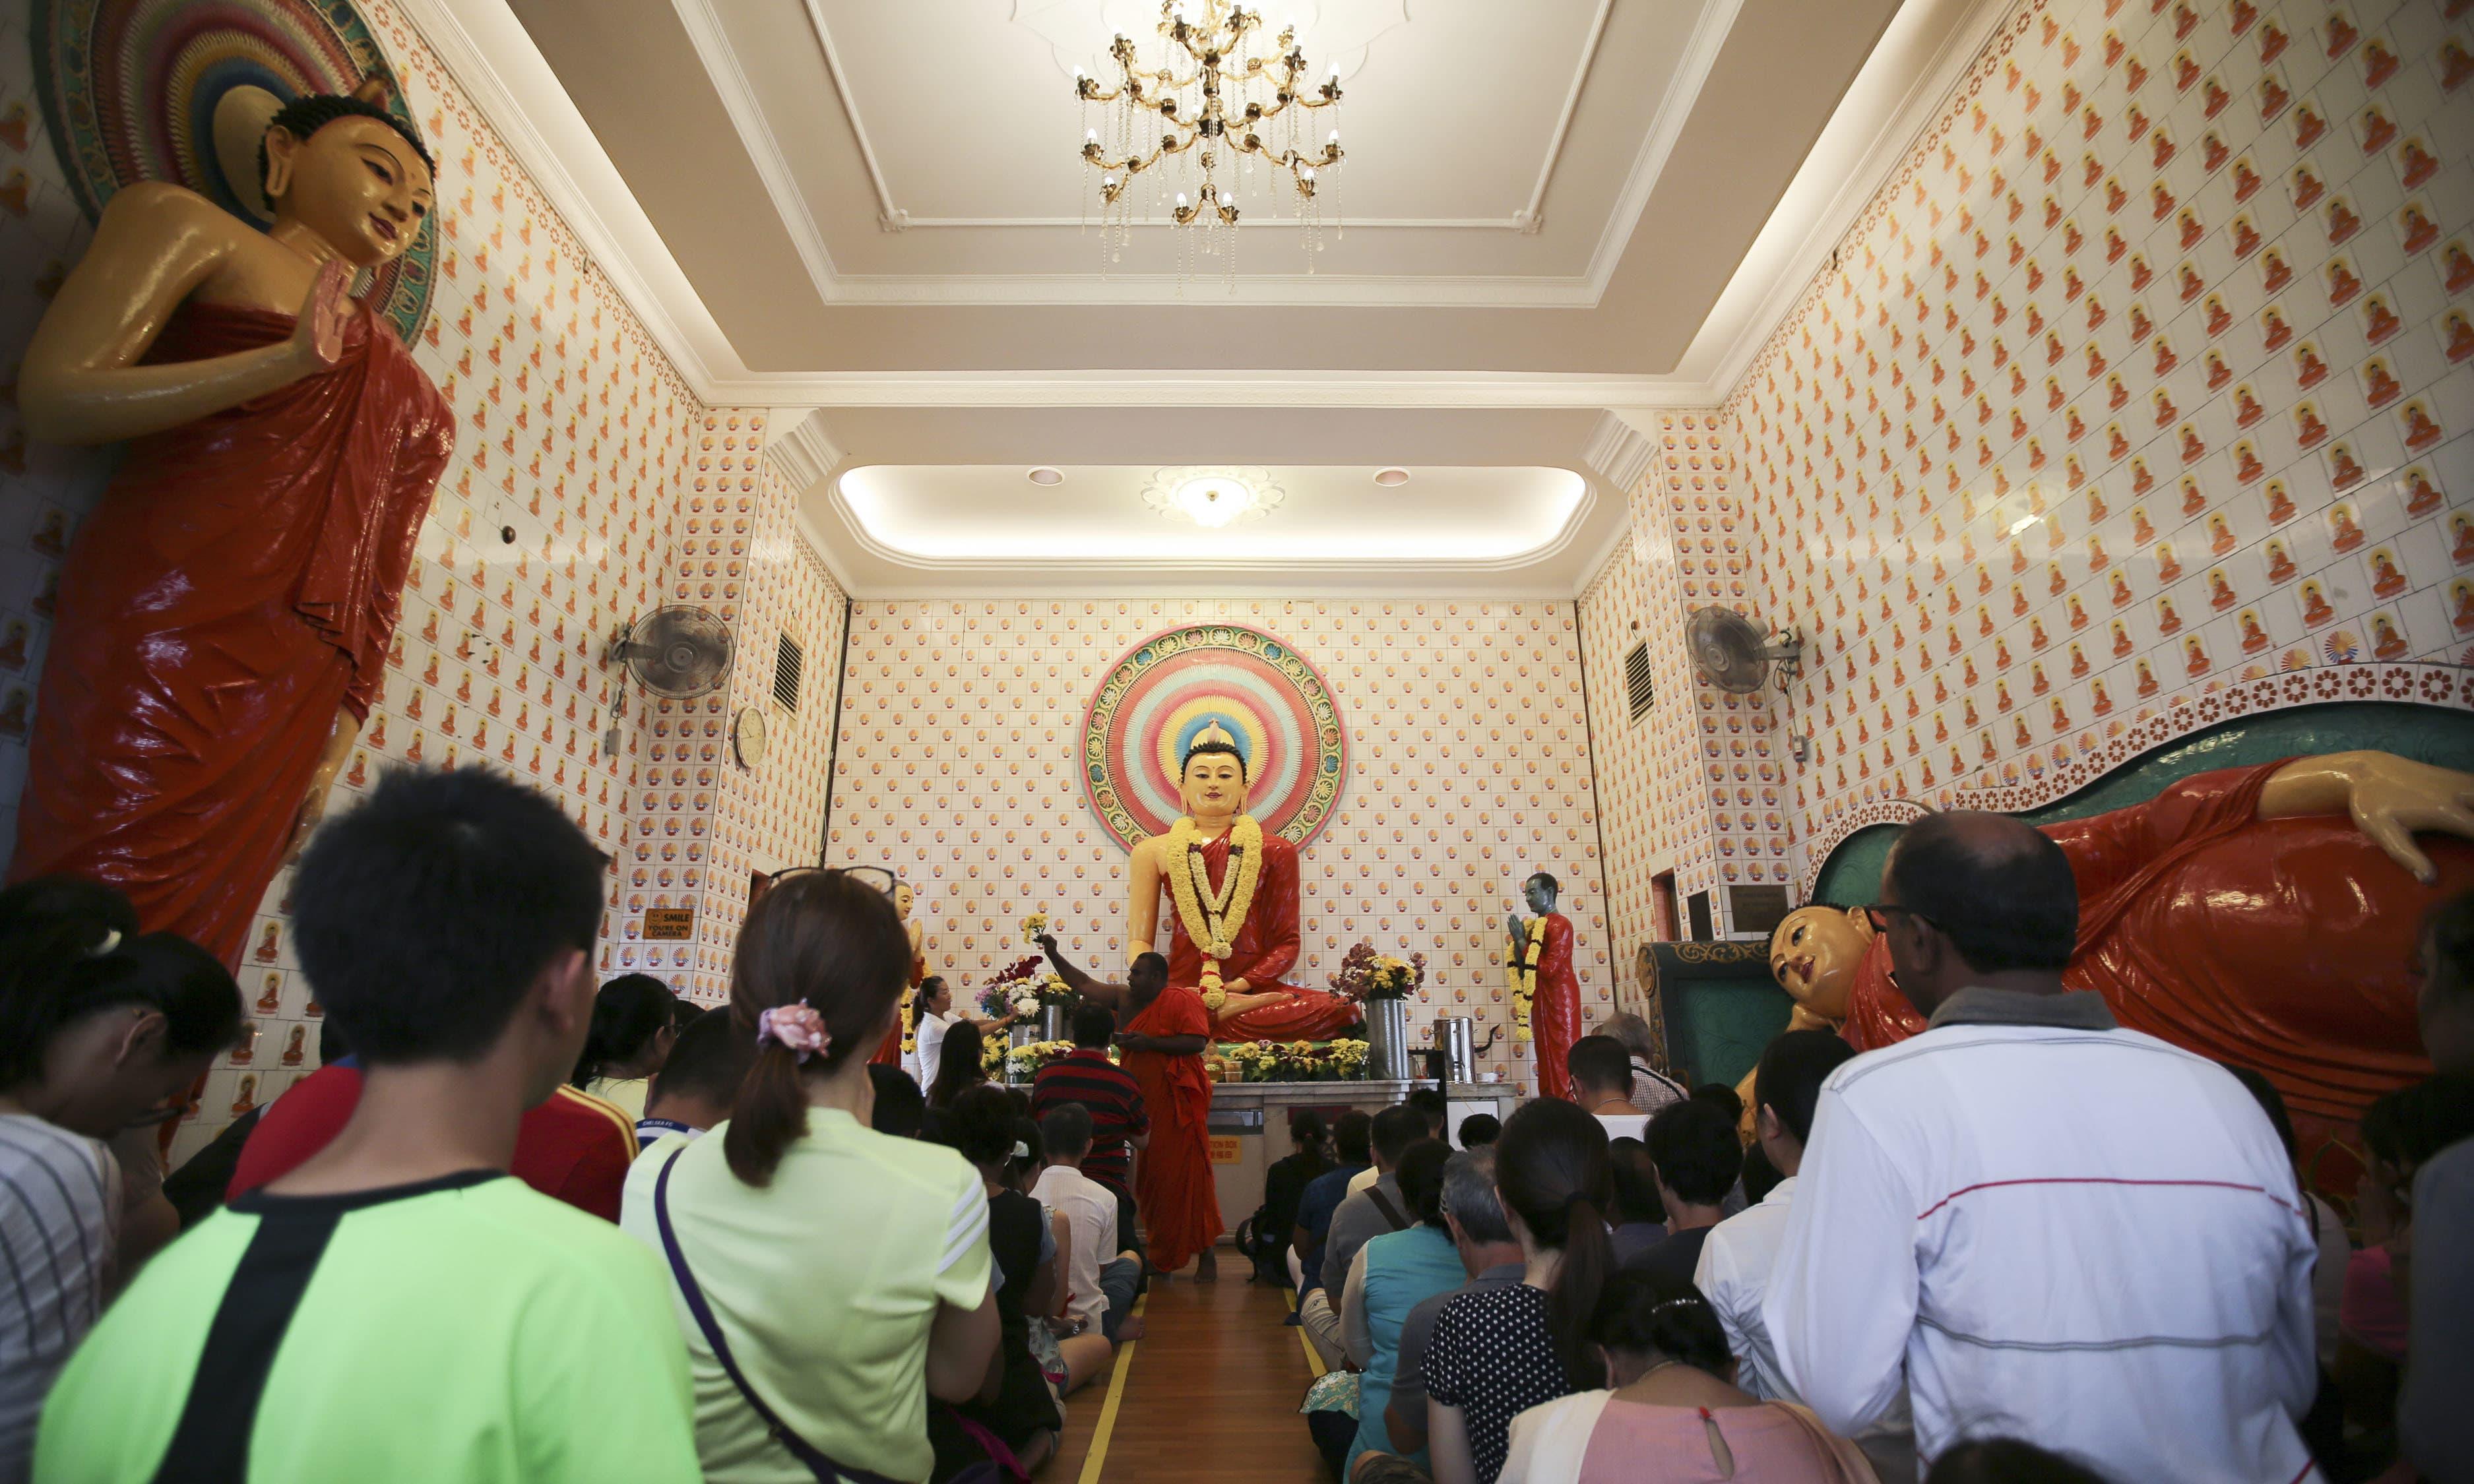 کوالا لمپور کے مندروں میں بھی بدھ مت کے پیروکاروں کی بڑی تعداد جما ہوئی —فوٹو/ اے پی